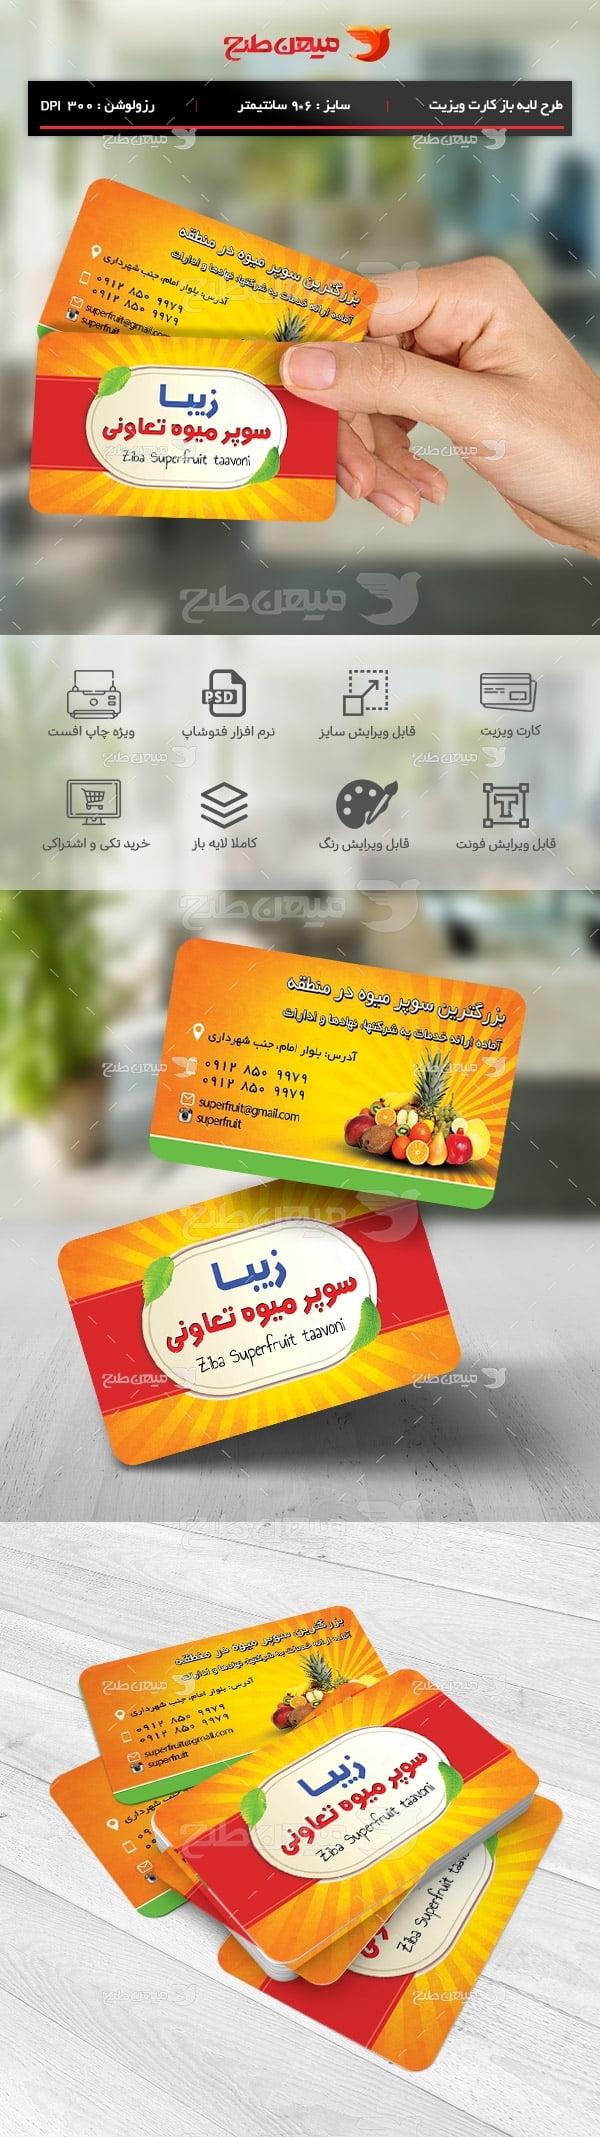 طرح کارت ویزیت سوپر میوه زیبا